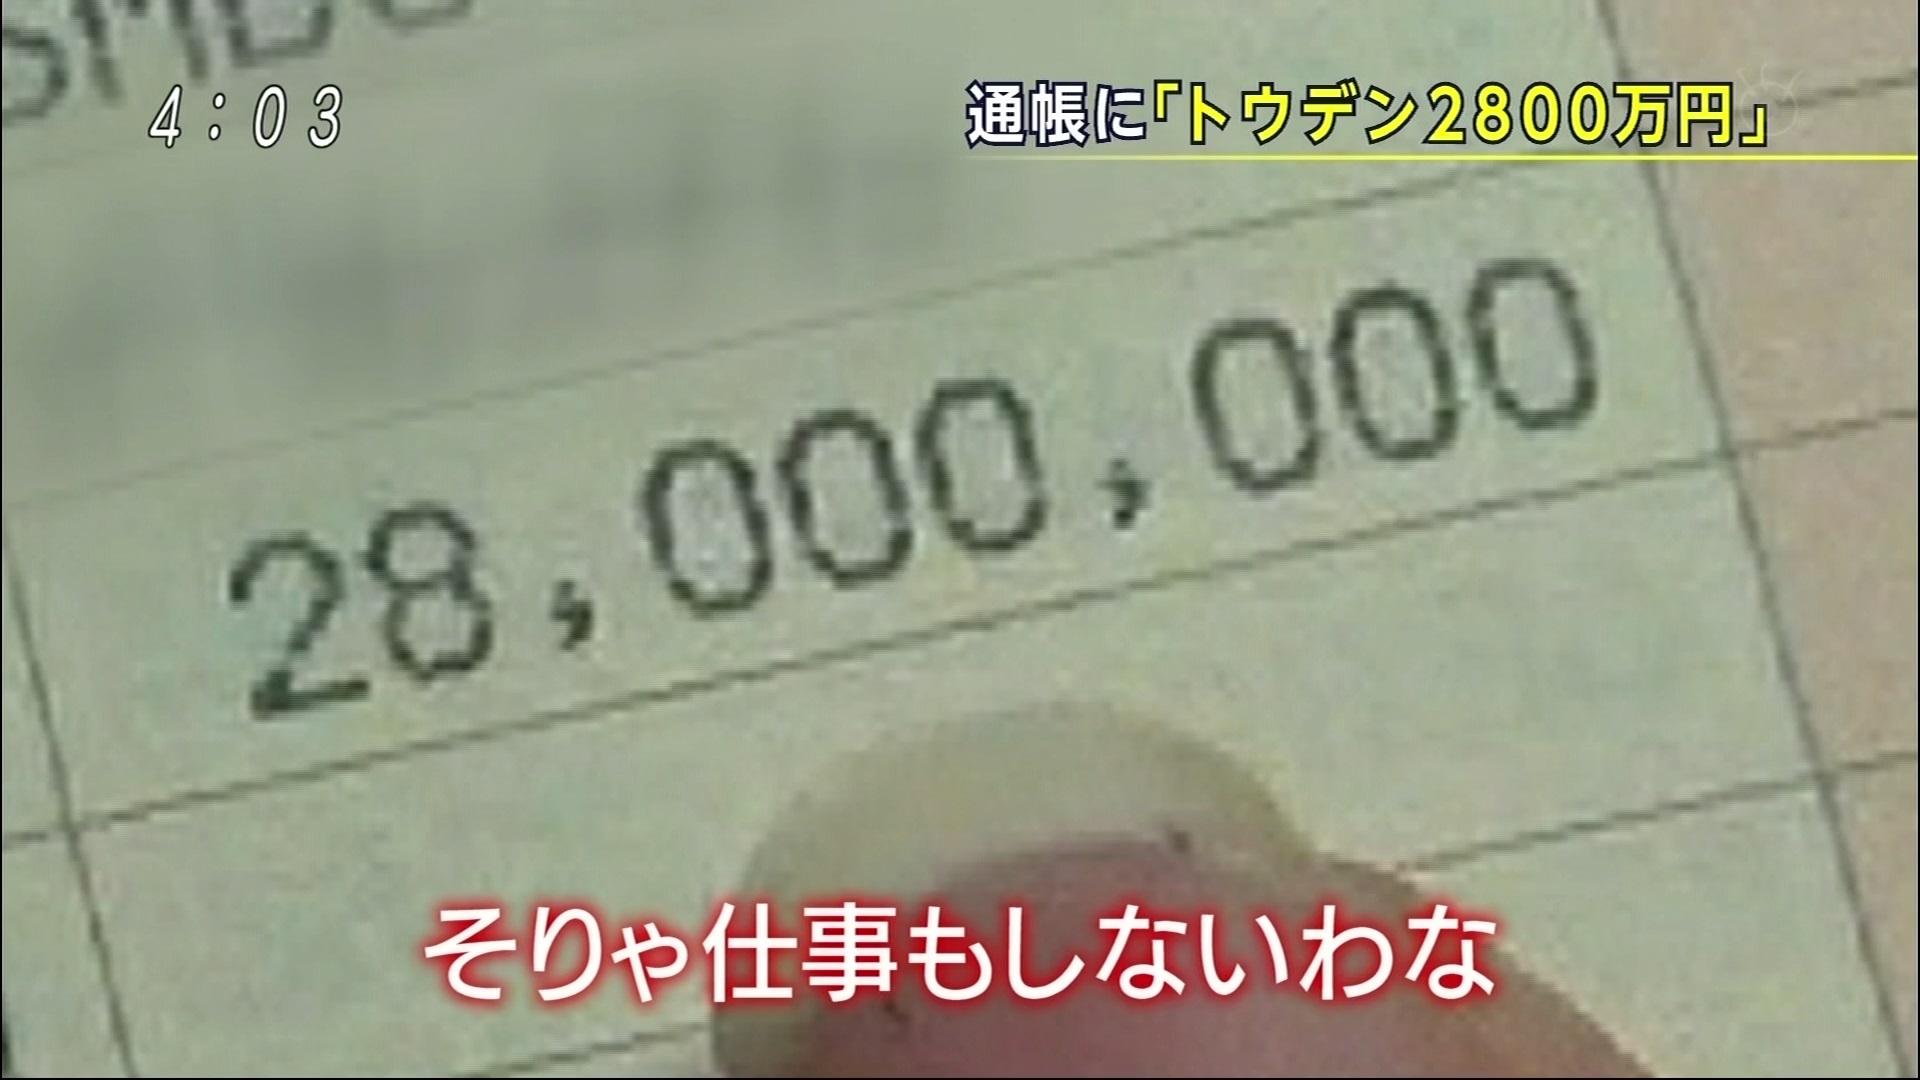 【政治】首相、来年4月の増税再延期報道を否定 「そういう事実ない」©2ch.net ->画像>58枚